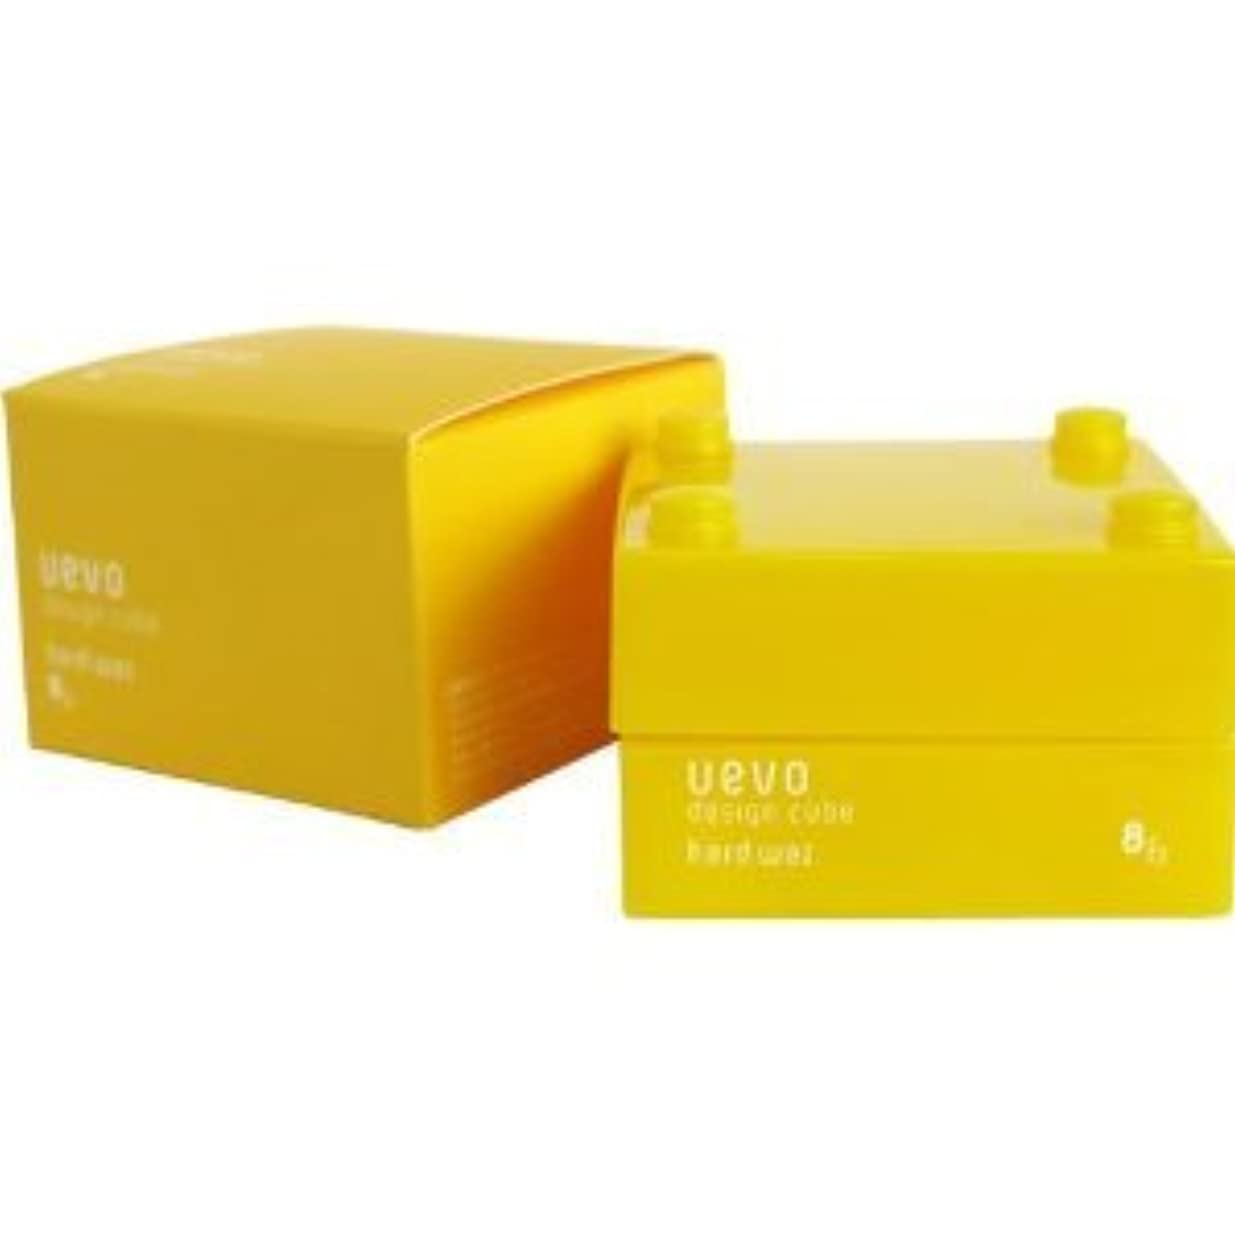 シリングラボ不規則性【X2個セット】 デミ ウェーボ デザインキューブ ハードワックス 30g hard wax DEMI uevo design cube